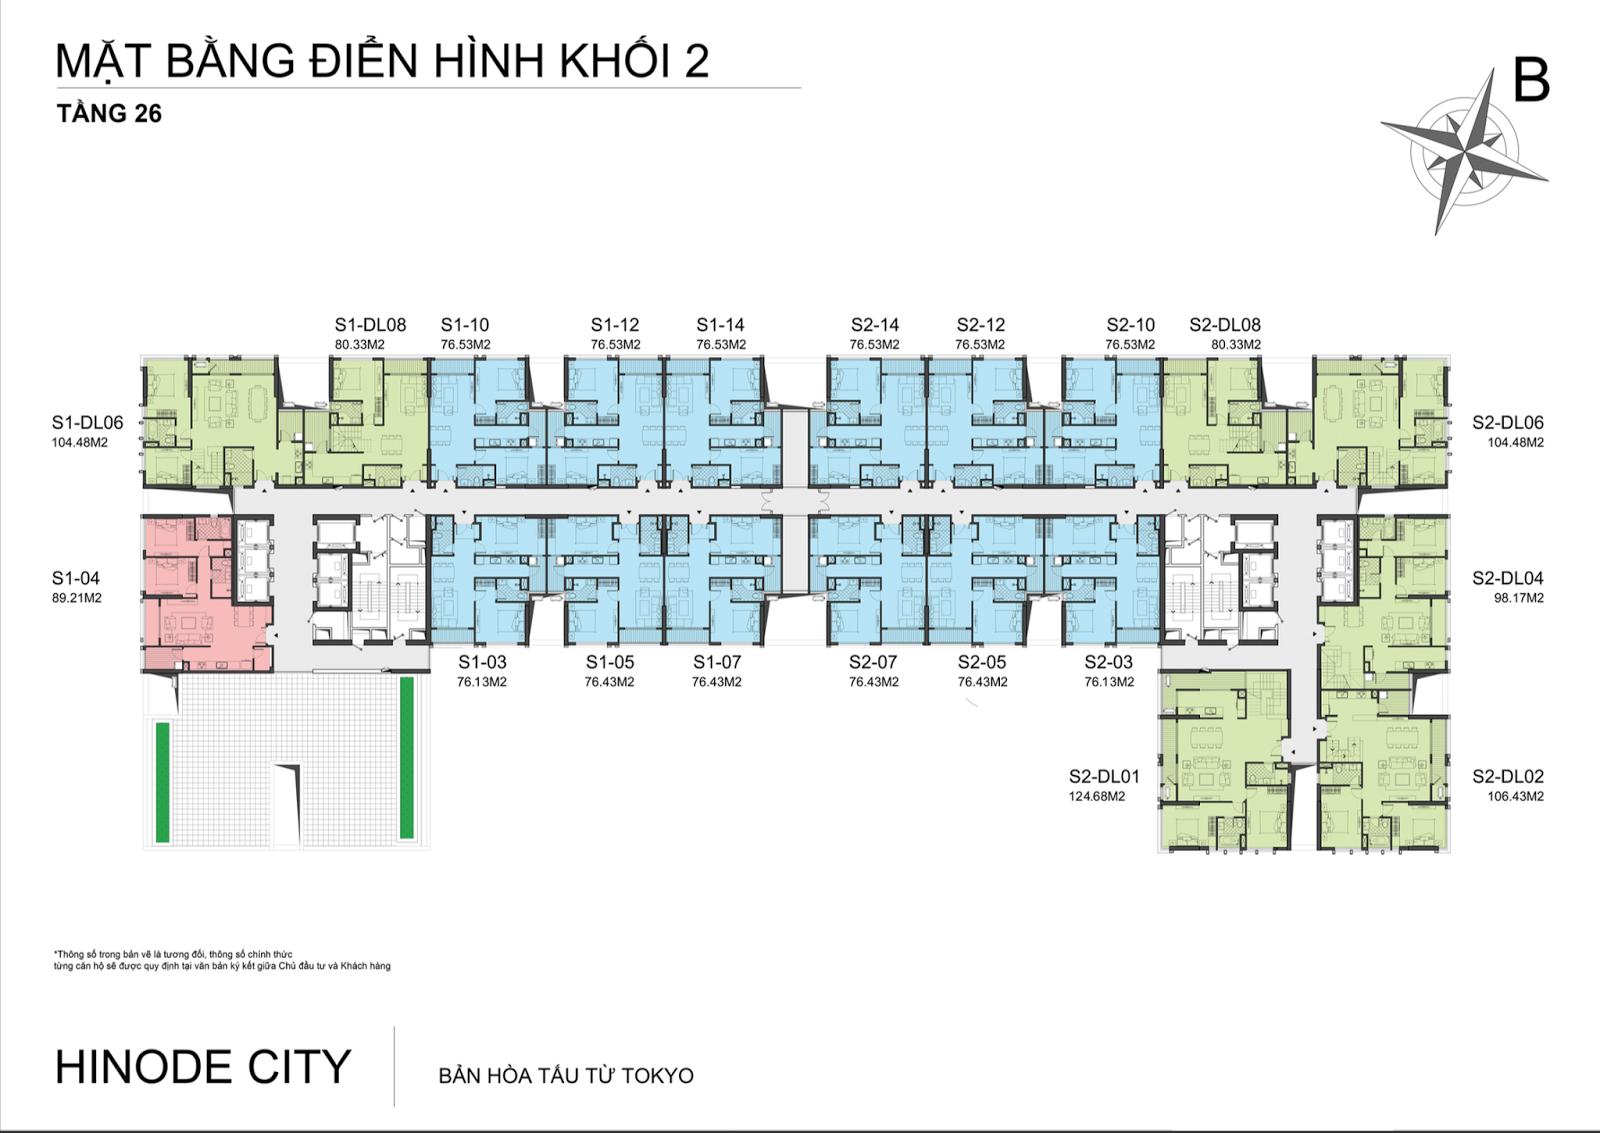 Mặt bằng tầng 26 dự án chung cư Hinode City